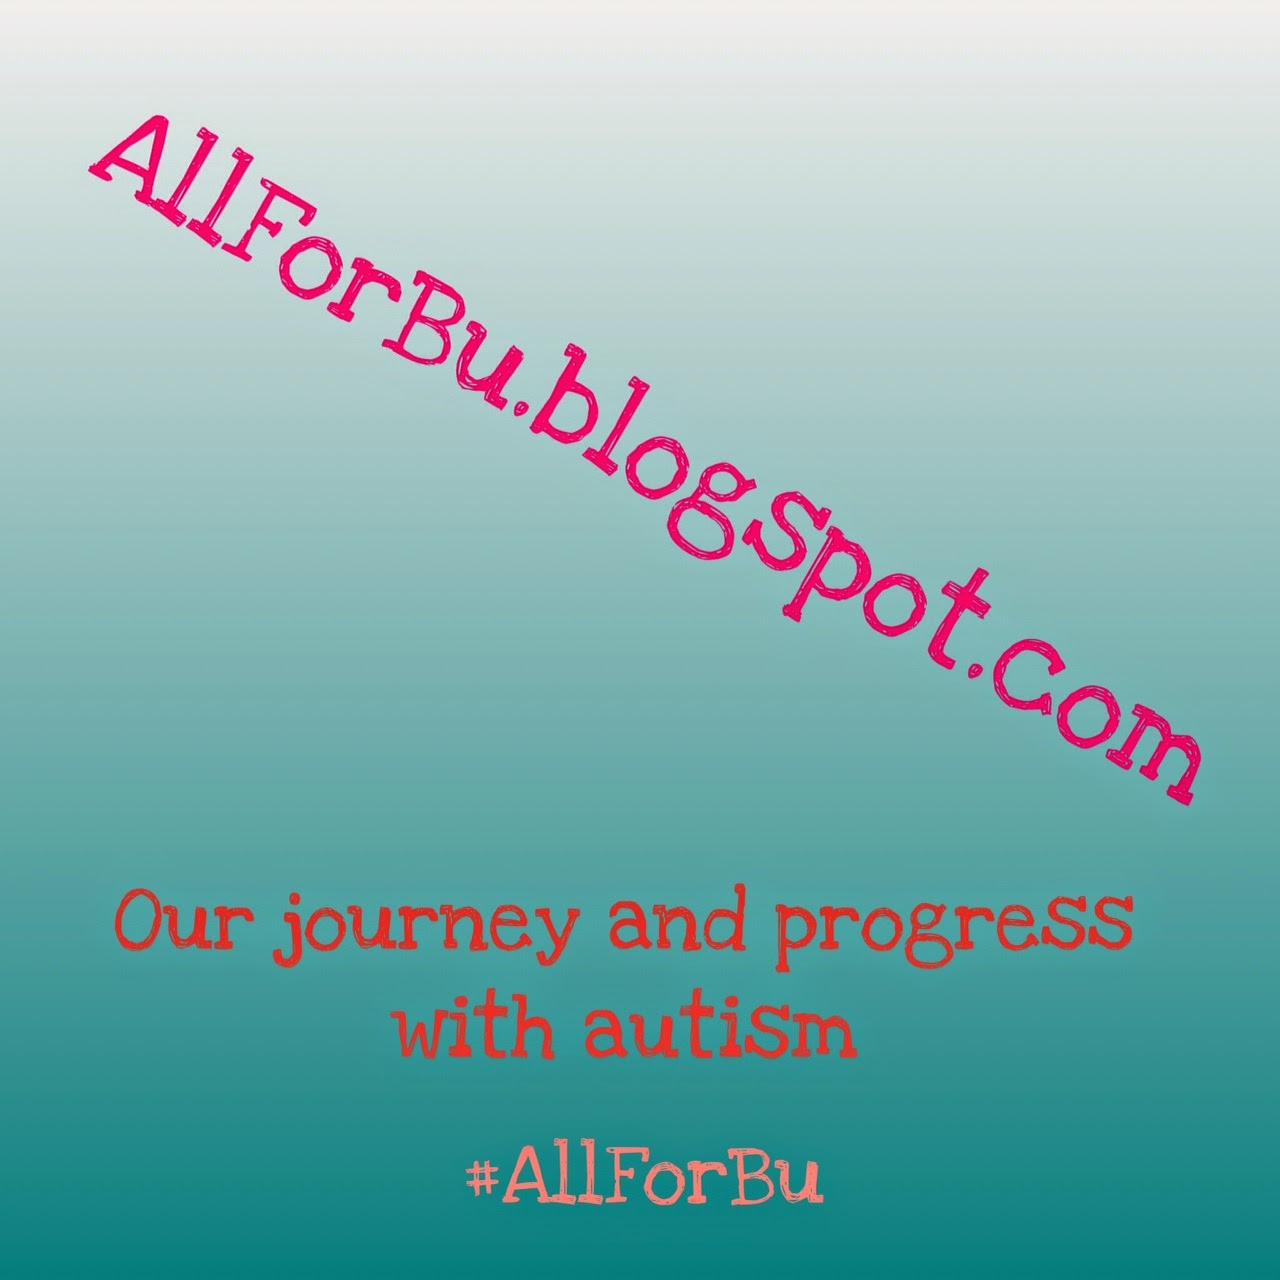 #AllForBu